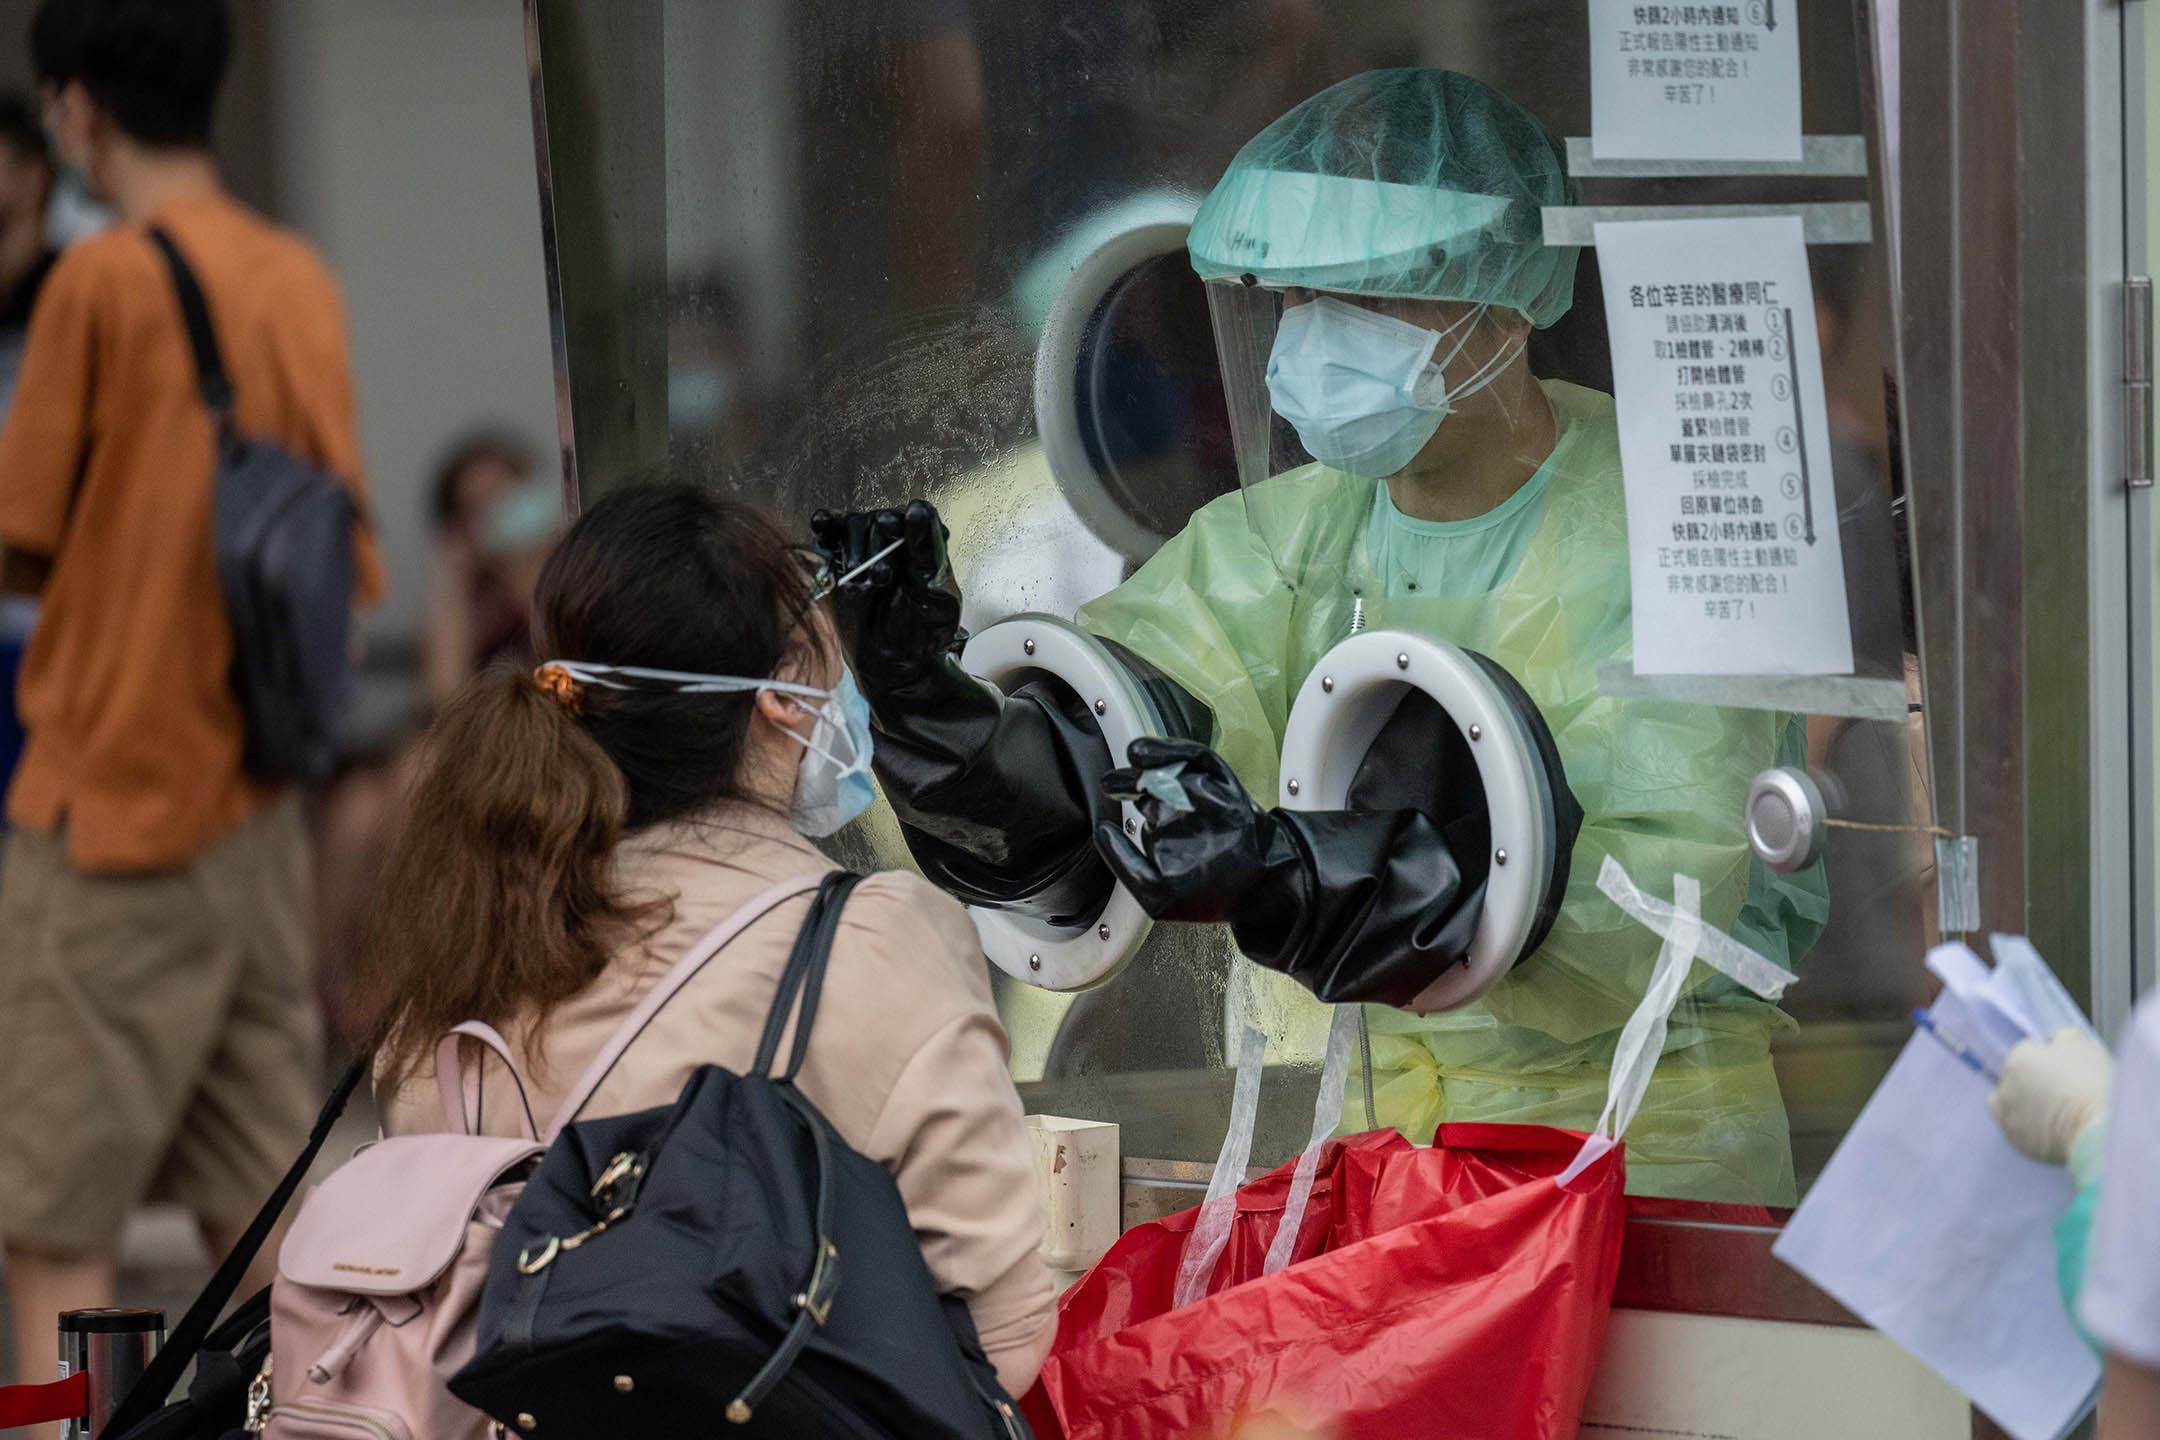 2021年5月17日台北,一名醫護人員在篩檢站從一個人身上收集樣本。